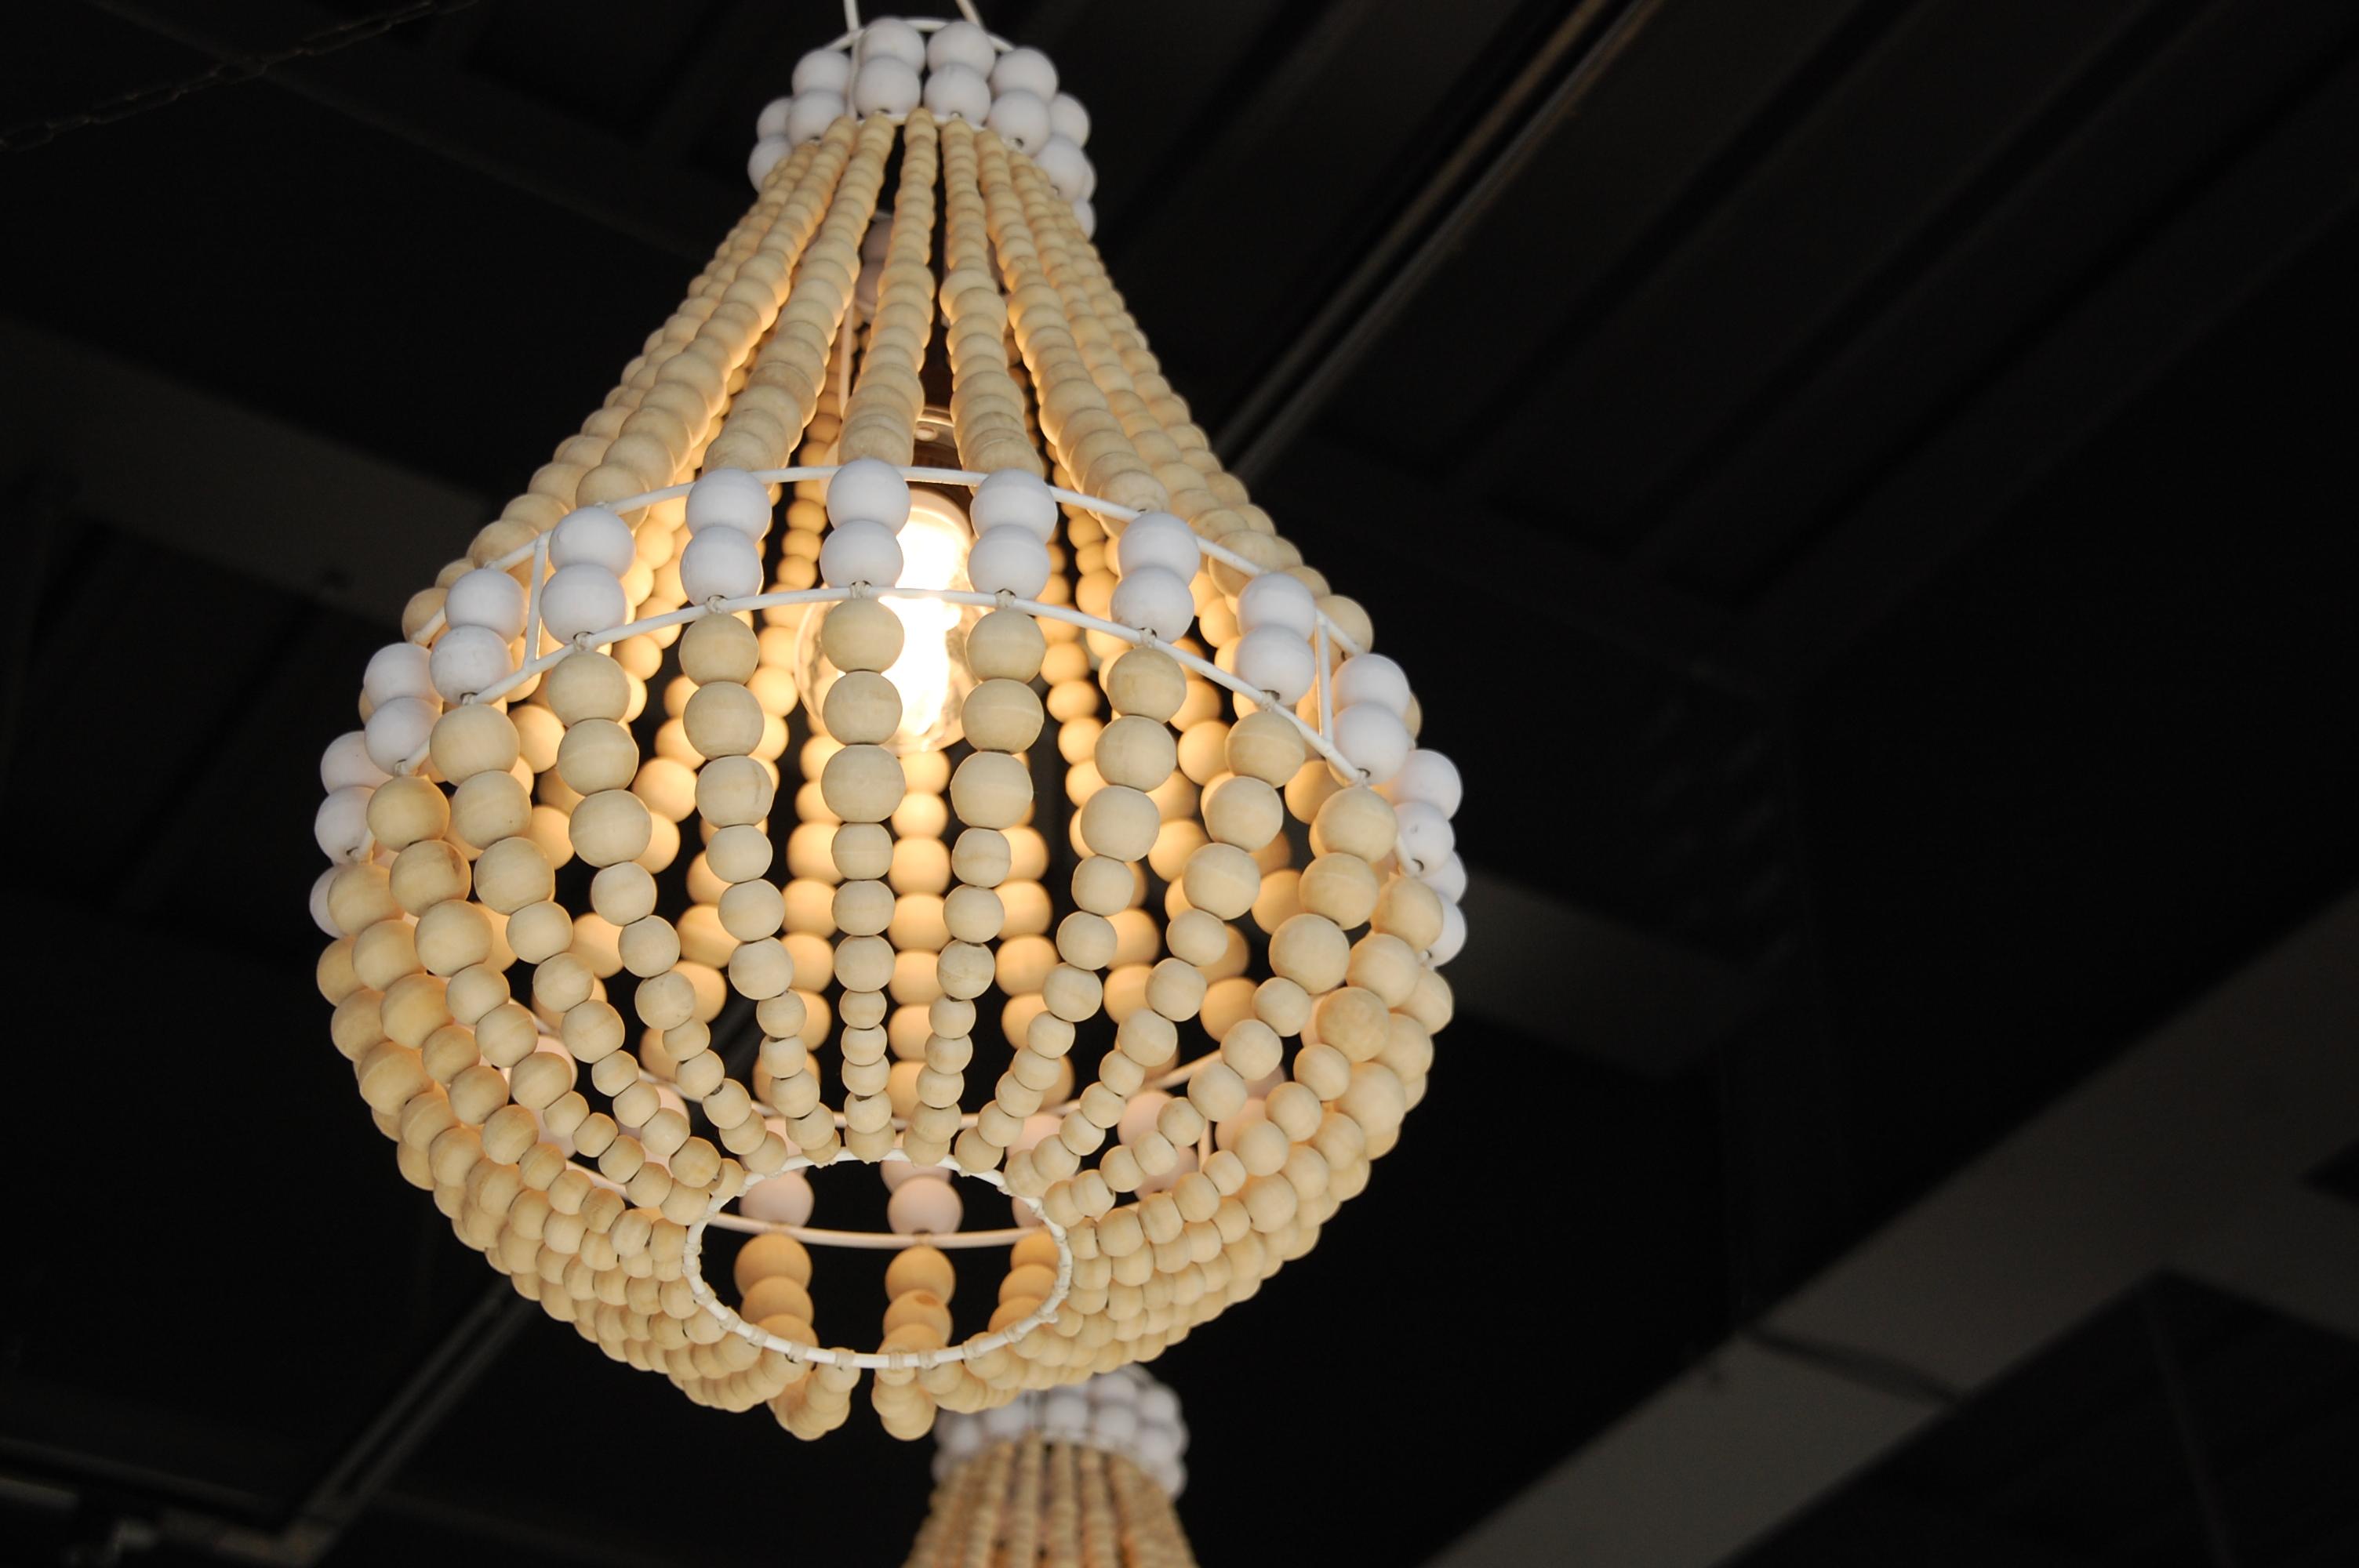 KAJAcoffewoodlamp